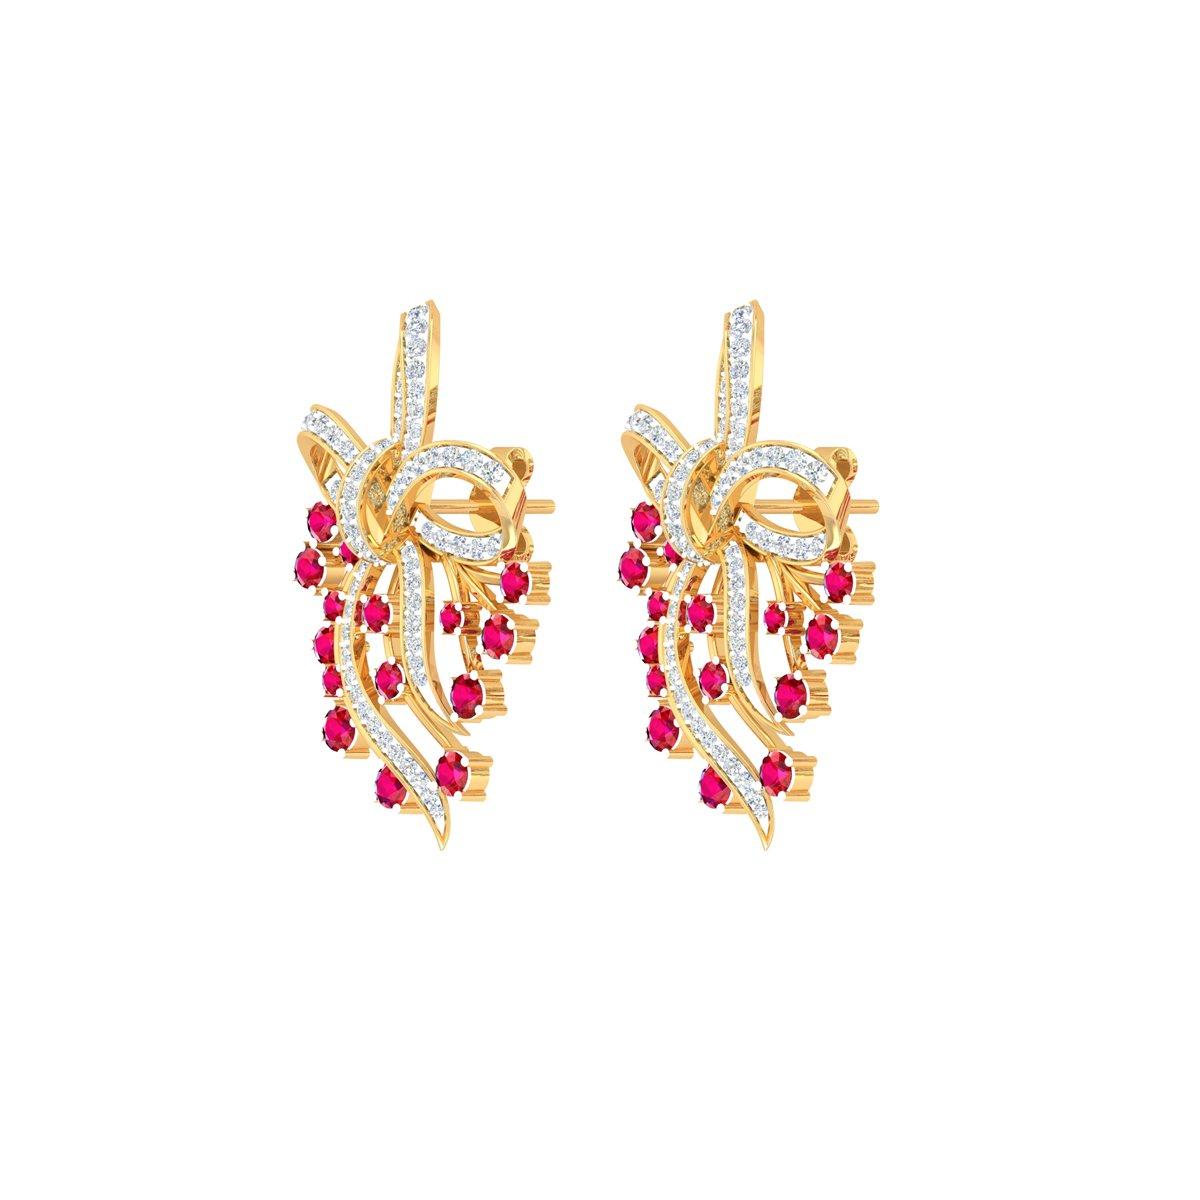 Figstar Diamond Earrings